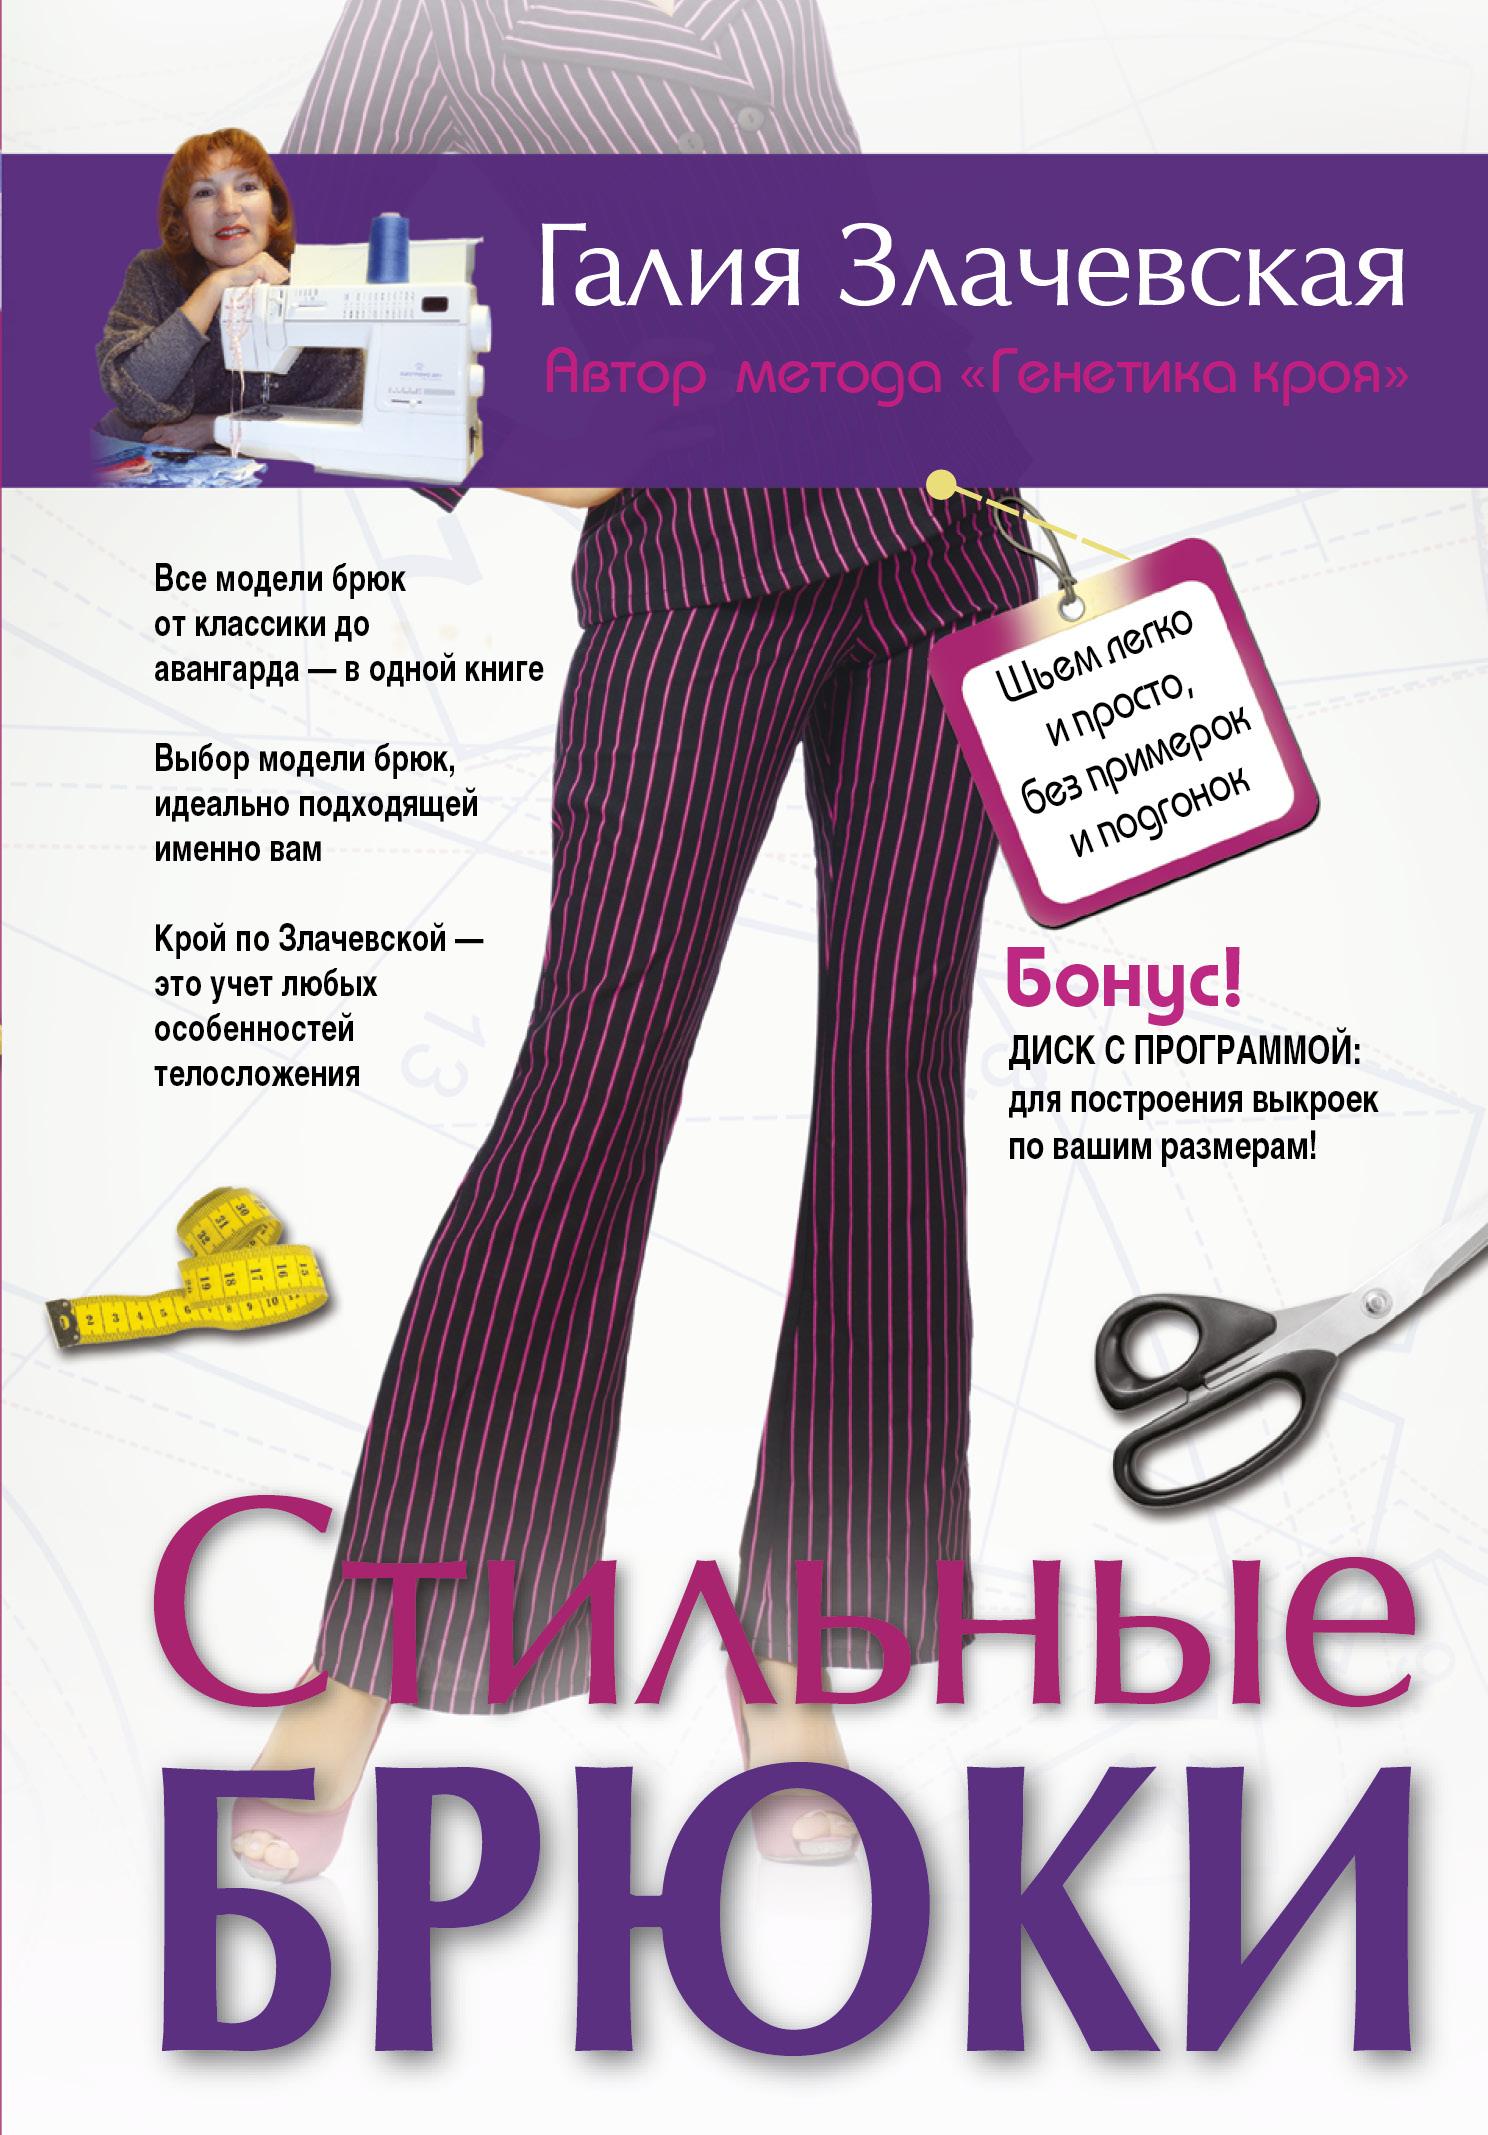 Стильные брюки. Шьем легко и просто, без примерок и подгонок + DVD